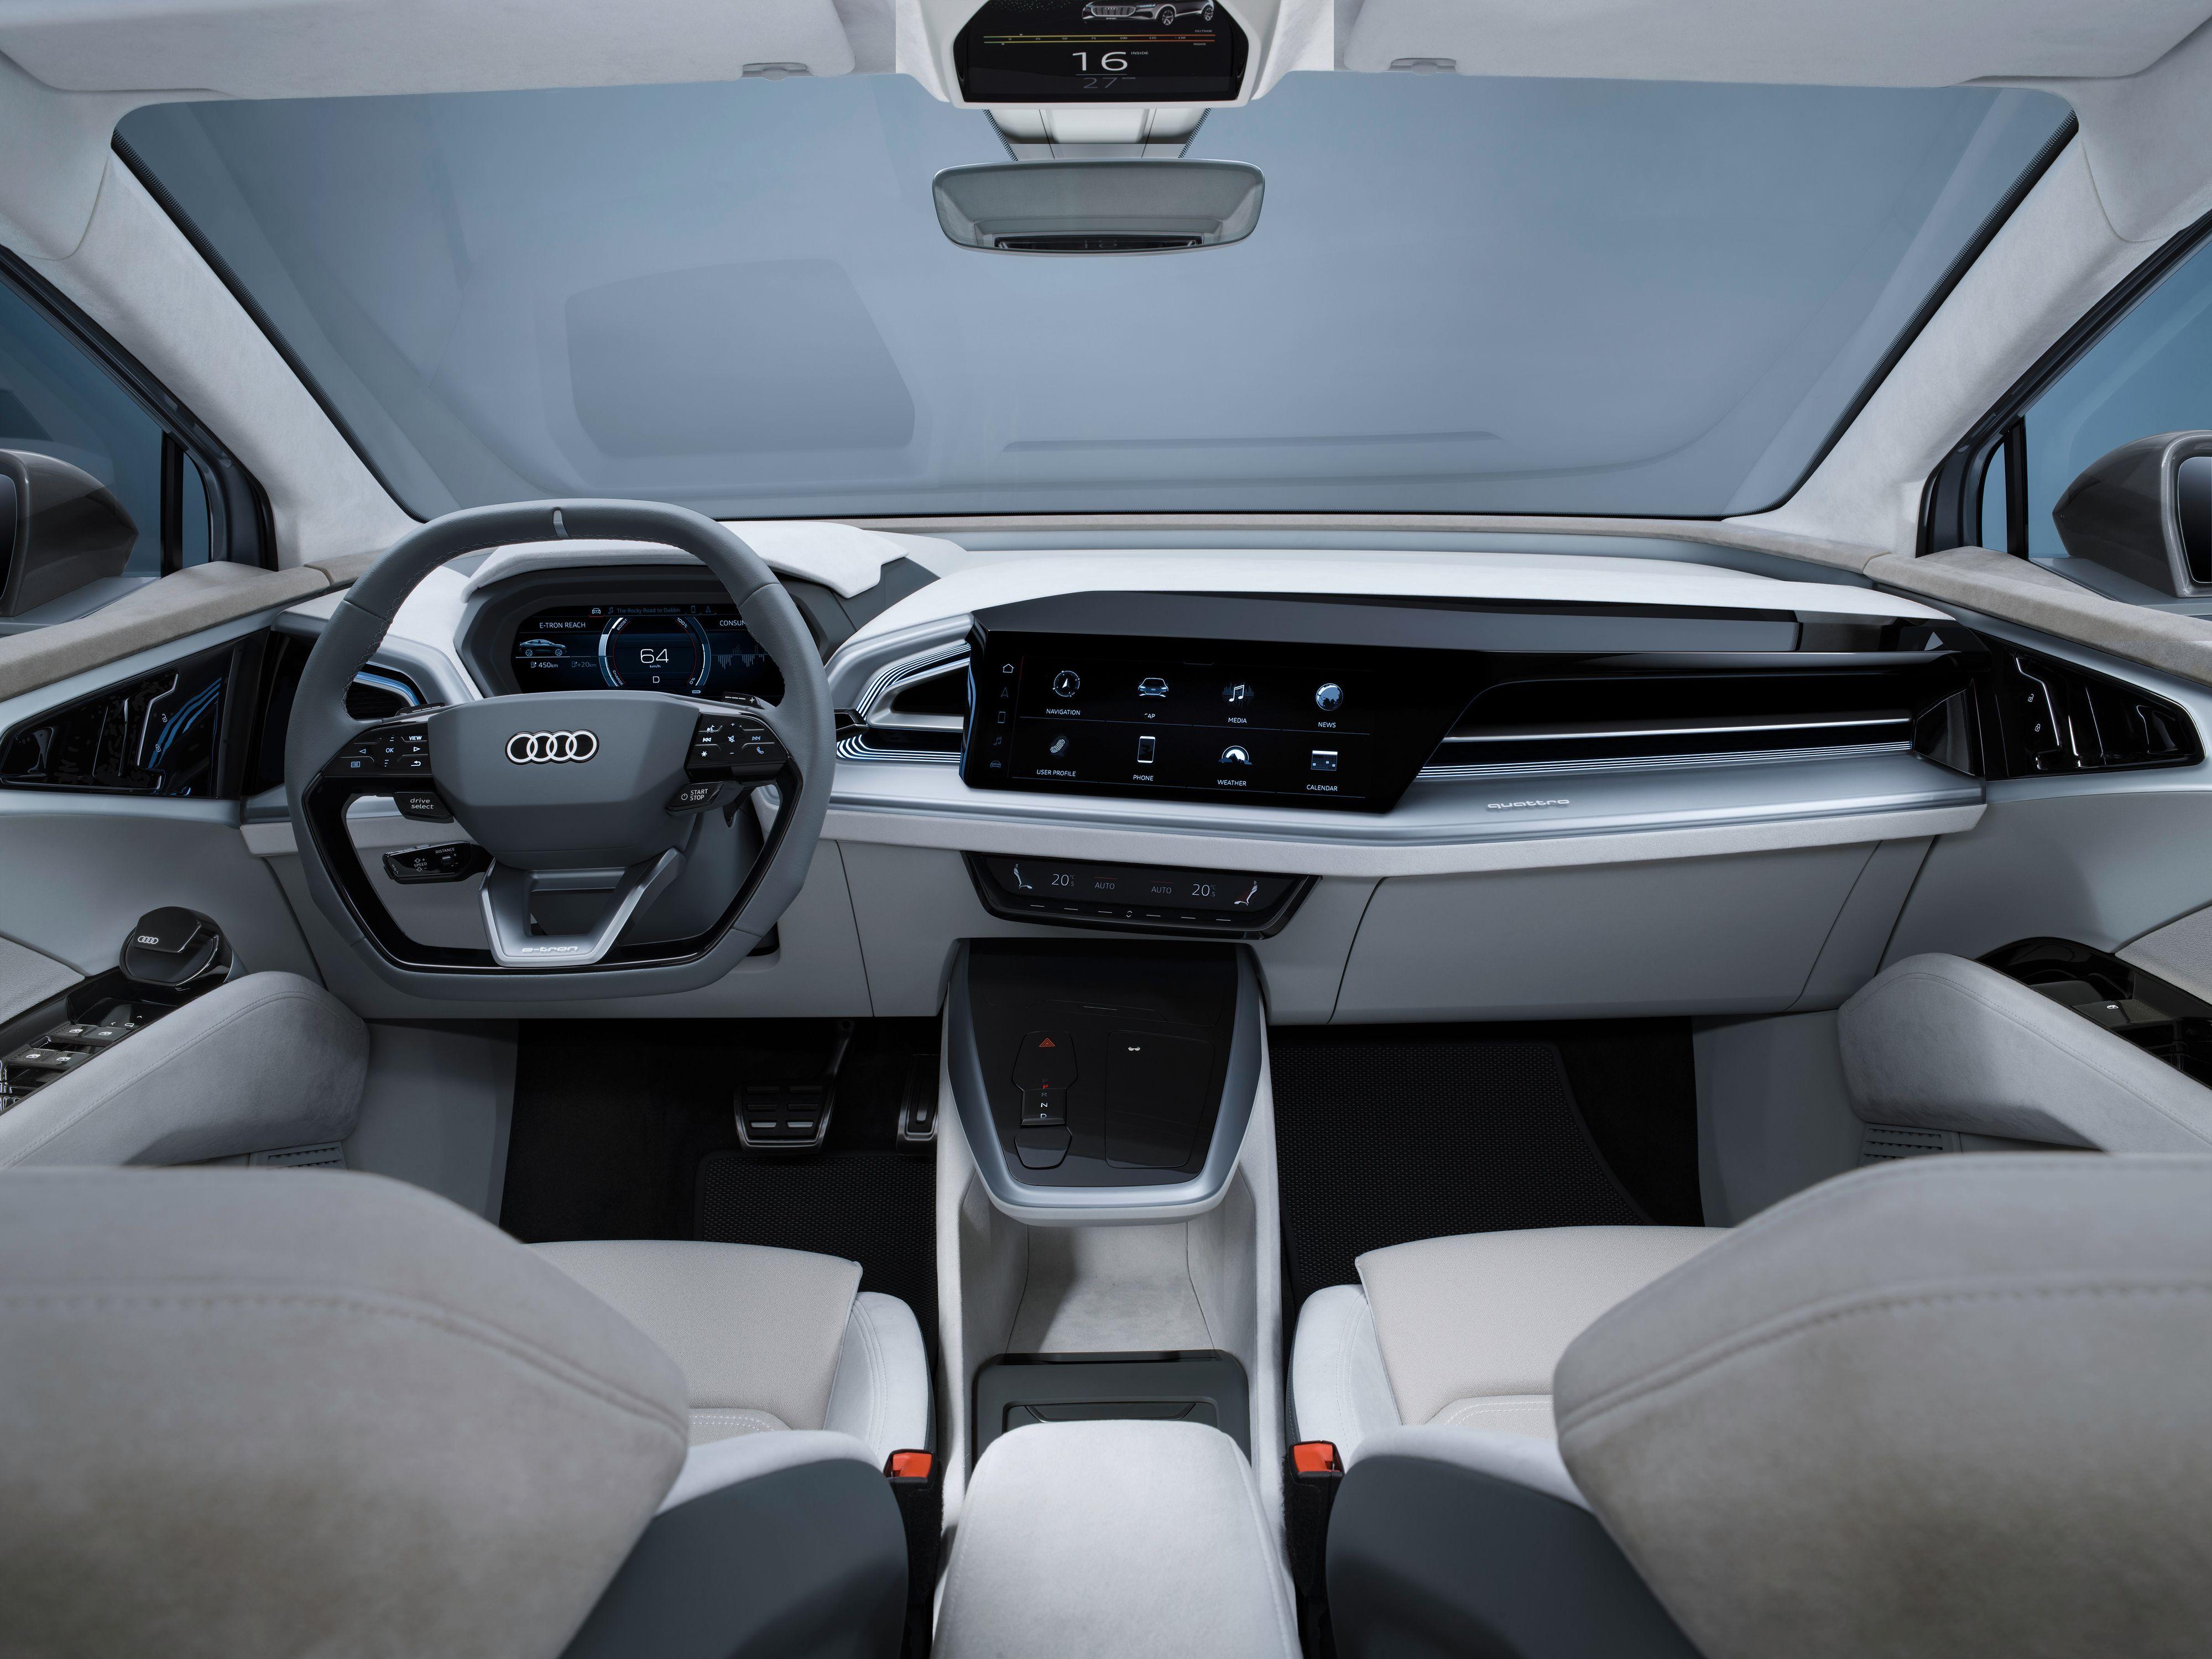 Audi peker naturligvis på bærekraft når de omtaler interiøret i Q4 e-tron. Gulvene skal være dekket i resirkulerte materialer, mens setene er trukket i alcantara. Skjermen i midtkonsollen måler for øvrig 12,3 tommer.